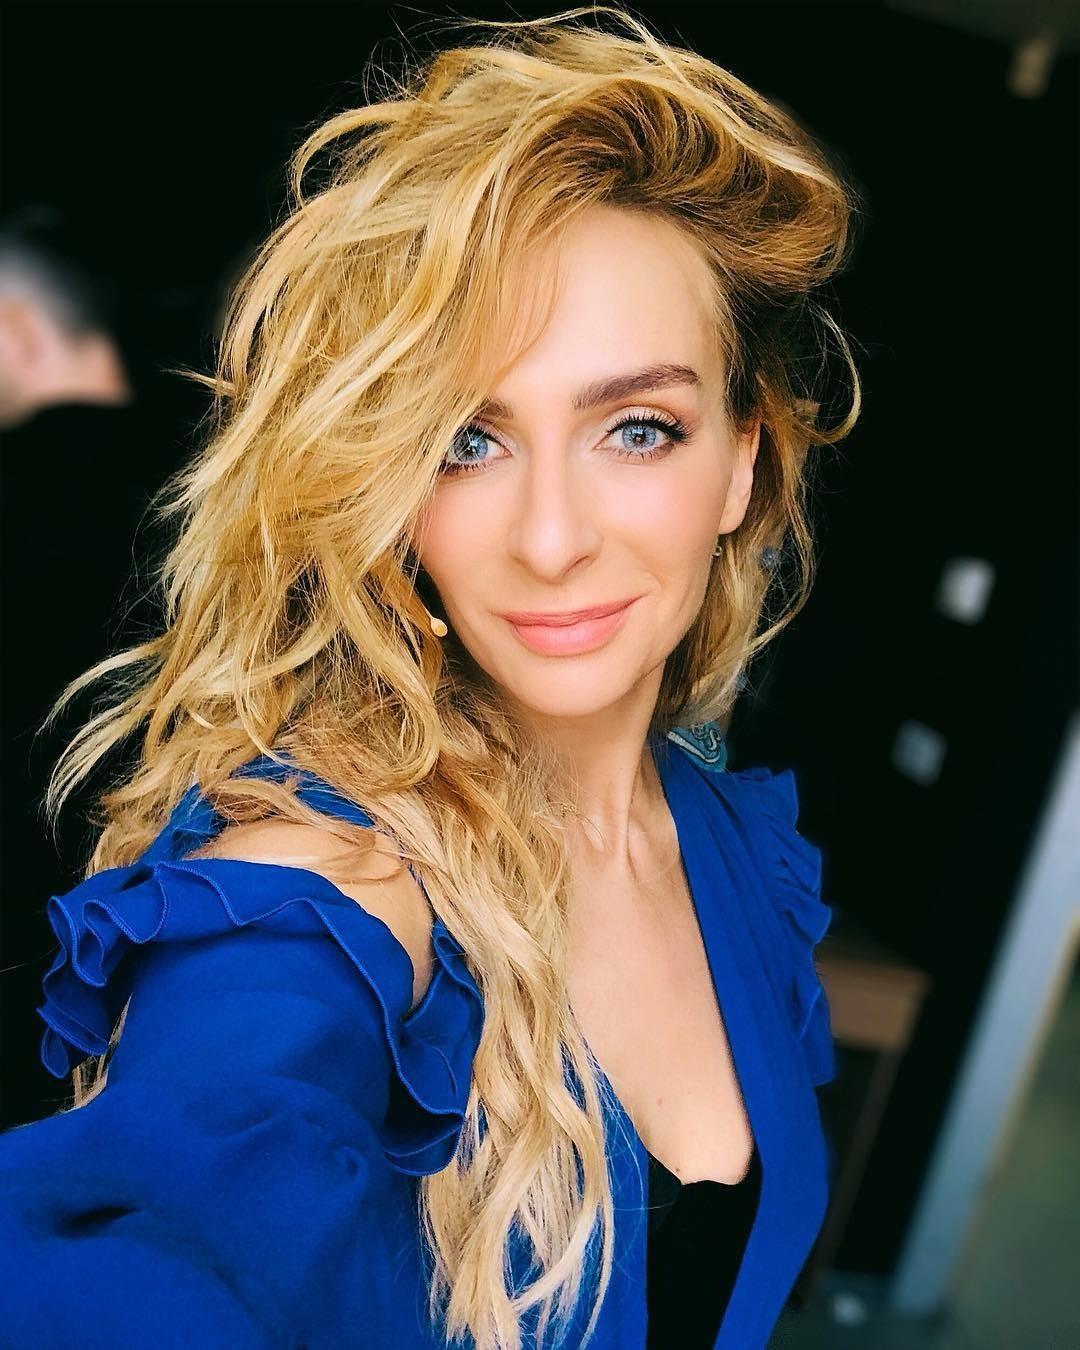 Екатерина Варнава перетанцевала звезду фильма «Шаг вперед»